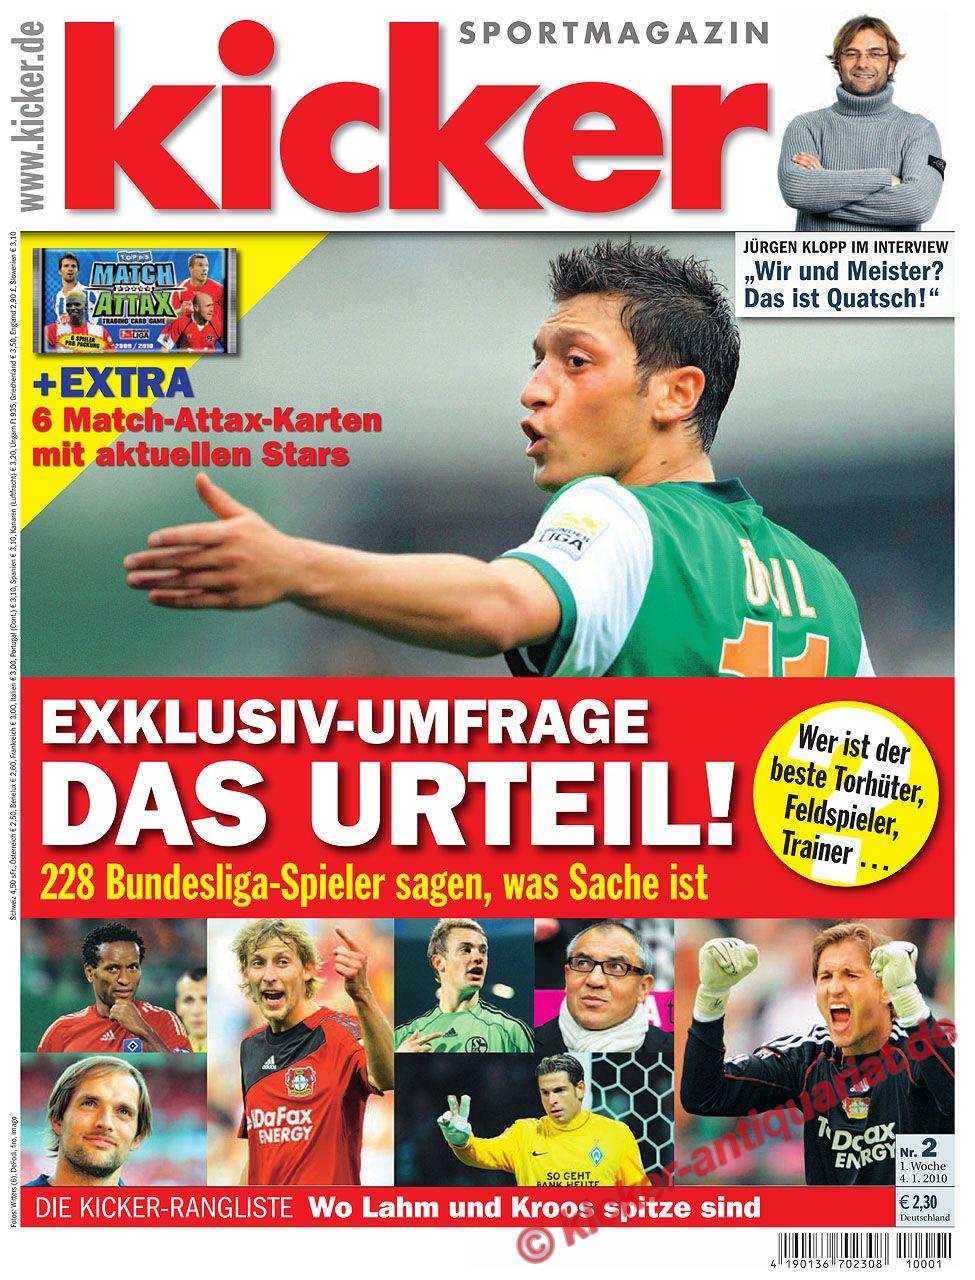 Kicker Sportmagazin